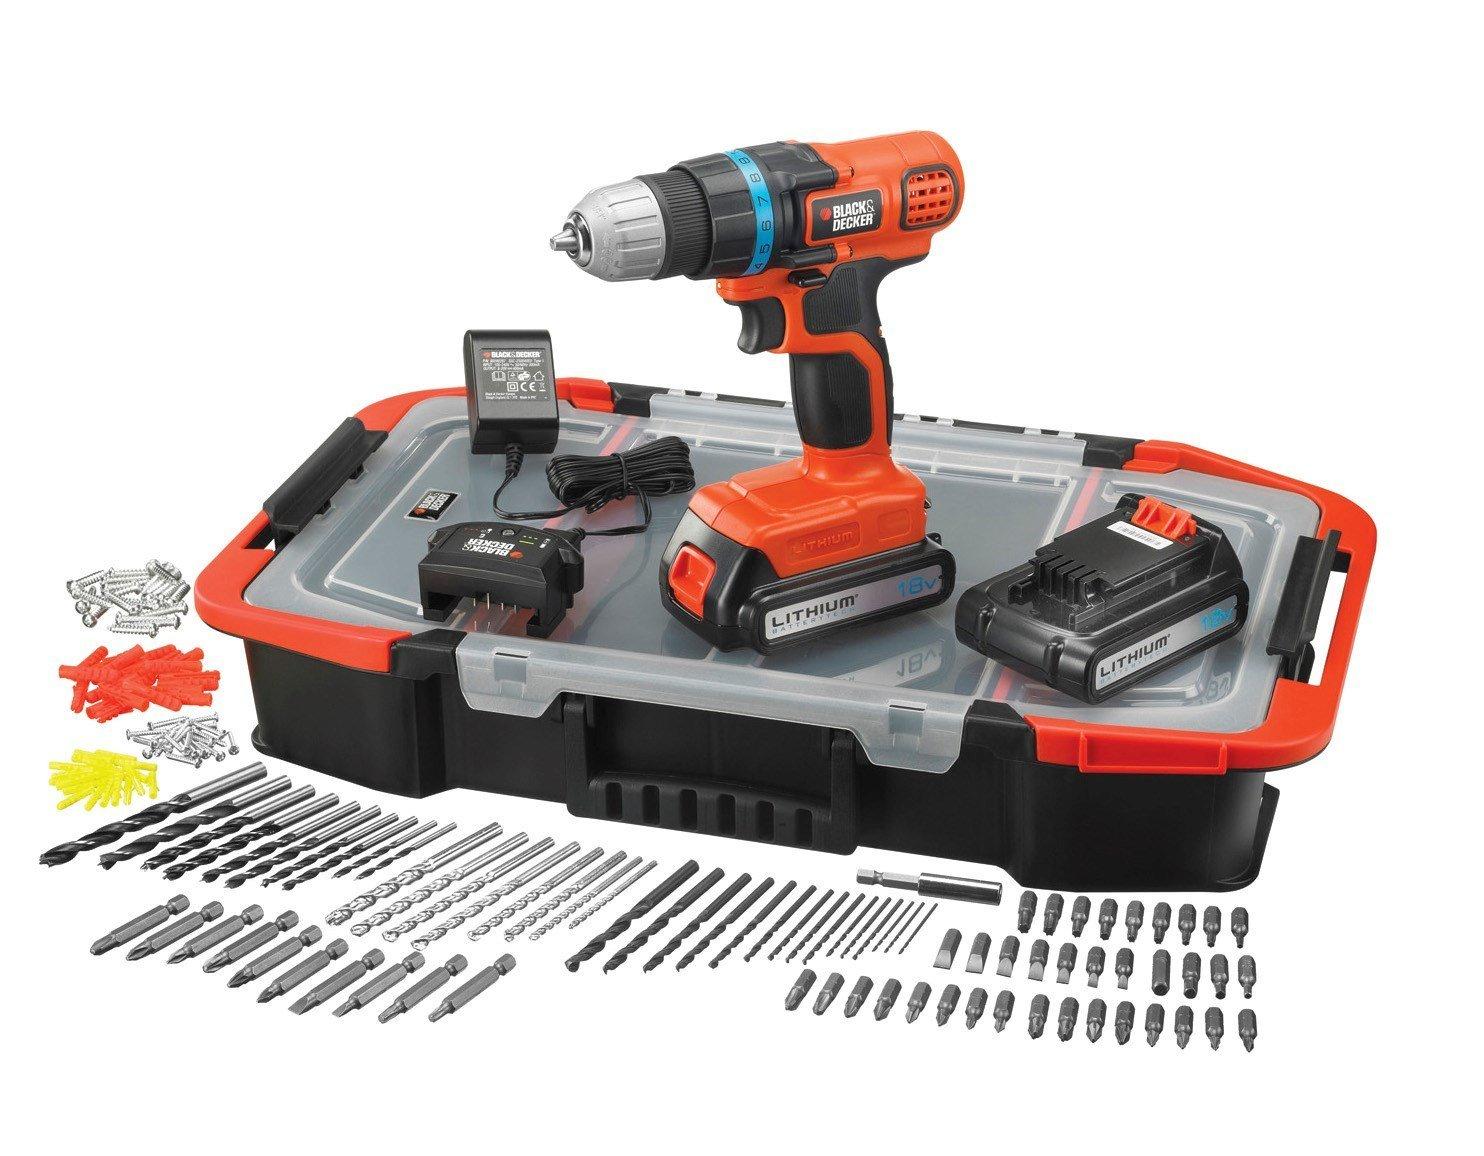 Perceuse sans fil Black&Decker + 2 batteries 18v + 165 accessoires + caisse - Rezé (44)